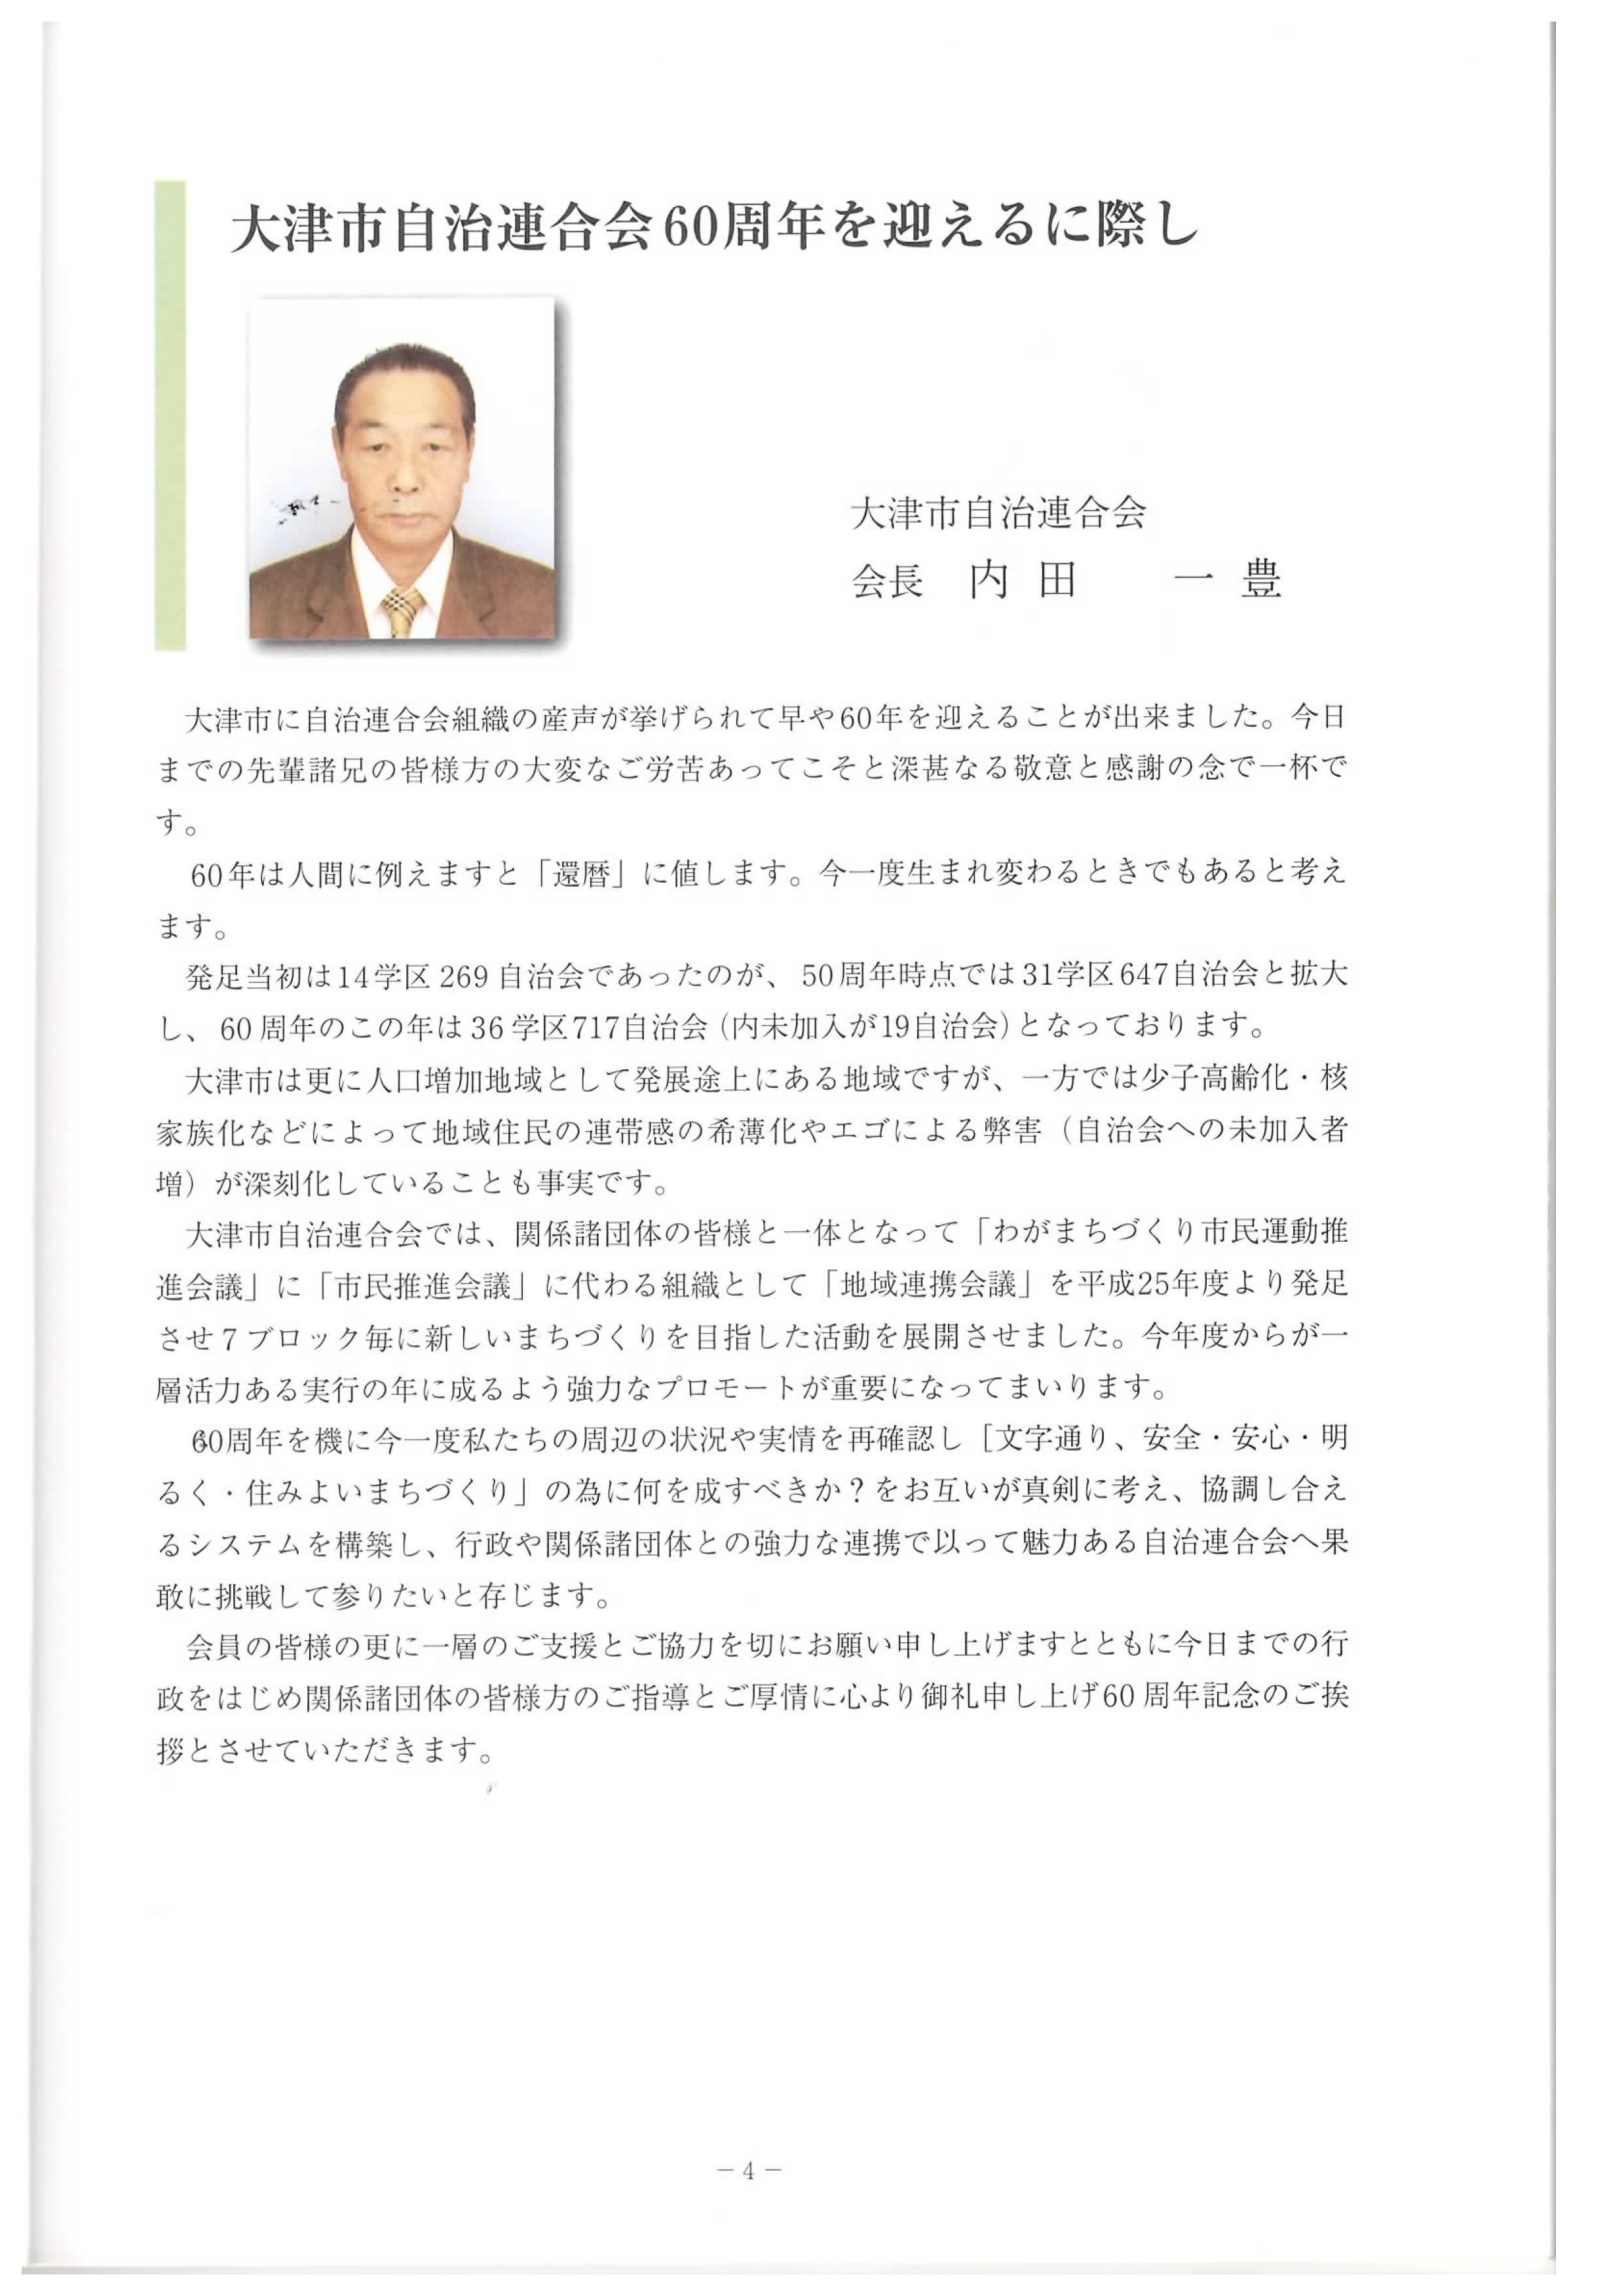 大津市自治連合会/60周年記念冊子(自治連合会長挨拶)_01